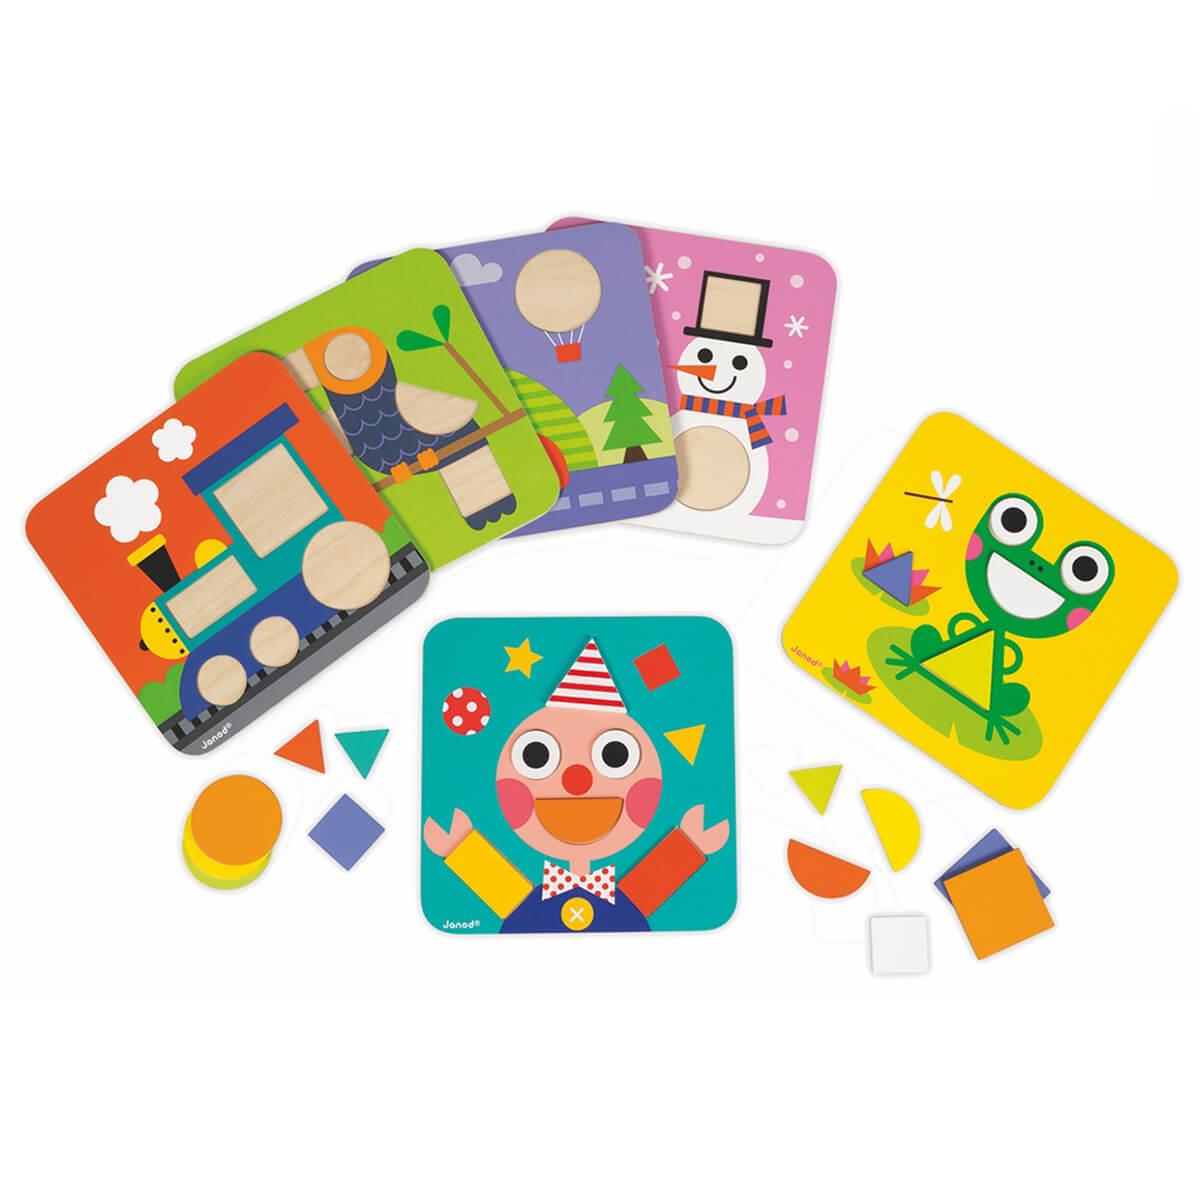 Janod Сортер Фигуры и цветаJ08028Сортер Janod Фигуры и цвета станет вашим лучшим помощником в обучении ребенка простым геометрическим фигурам! Благодаря 29 разноцветным фигуркам и 6 двусторонним карточкам, воплощение фантазии вашего малыша станет почти безграничным! Собирайте вместе с ним разнообразные картинки: диковинные животные, паровозики или потрясающий подводный мир? Все это теперь доступно вместе с этим замечательным сортером!